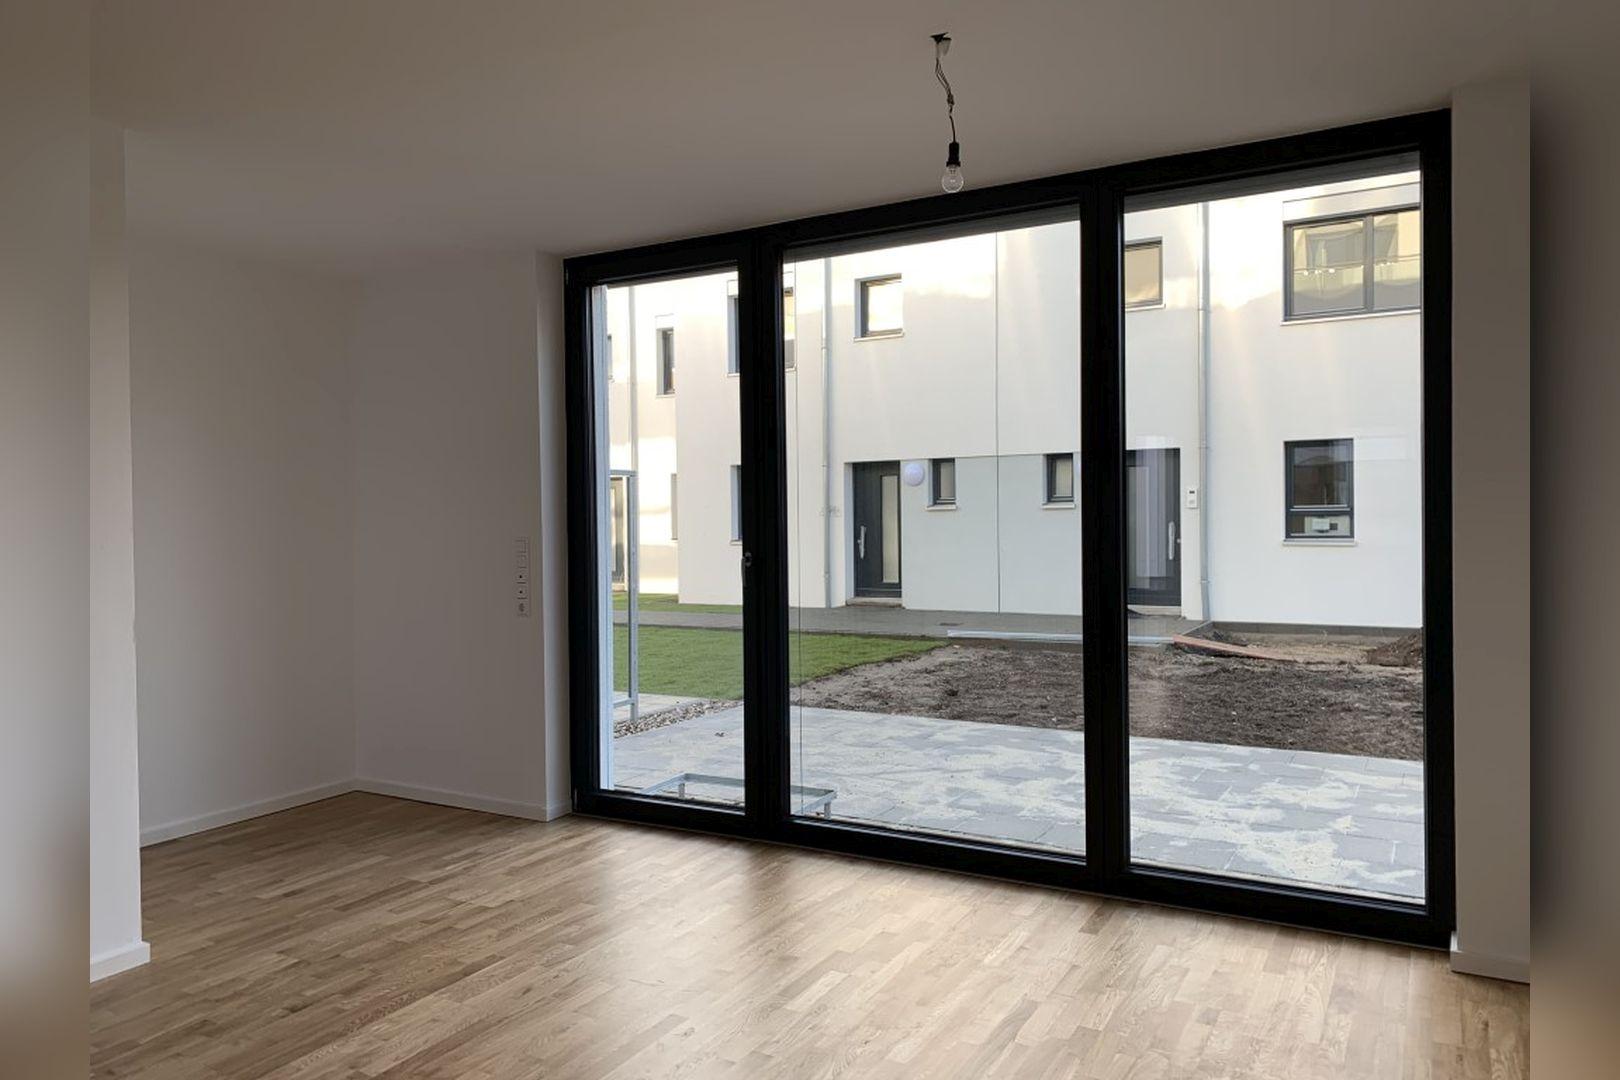 Immobilie Nr.0224 - Reihenendhaus mit kl. Garten u. 2 TG-Plätzen - Bild 4.jpg